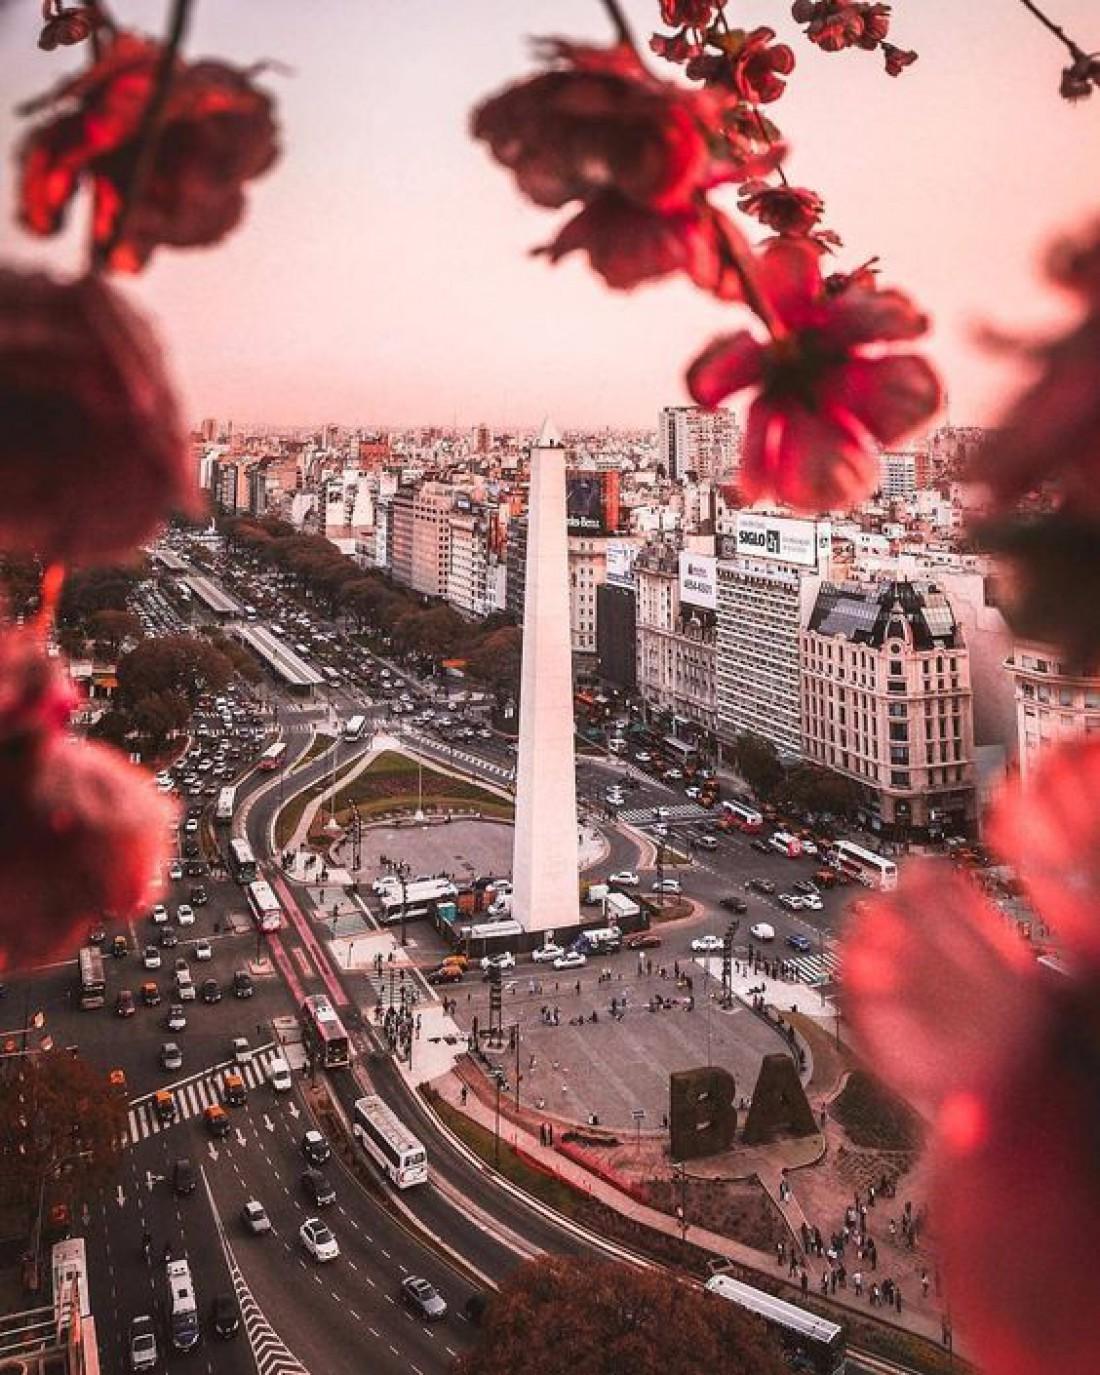 Огромный, шумный и яркий город не подготовленного туриста может сбить с ног своей бешеной энергетикой